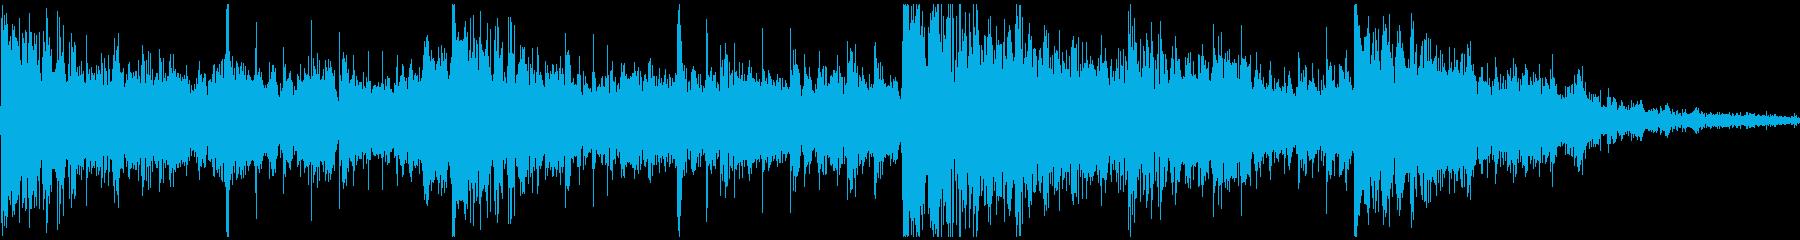 近未来的な電子音楽のジングルの再生済みの波形